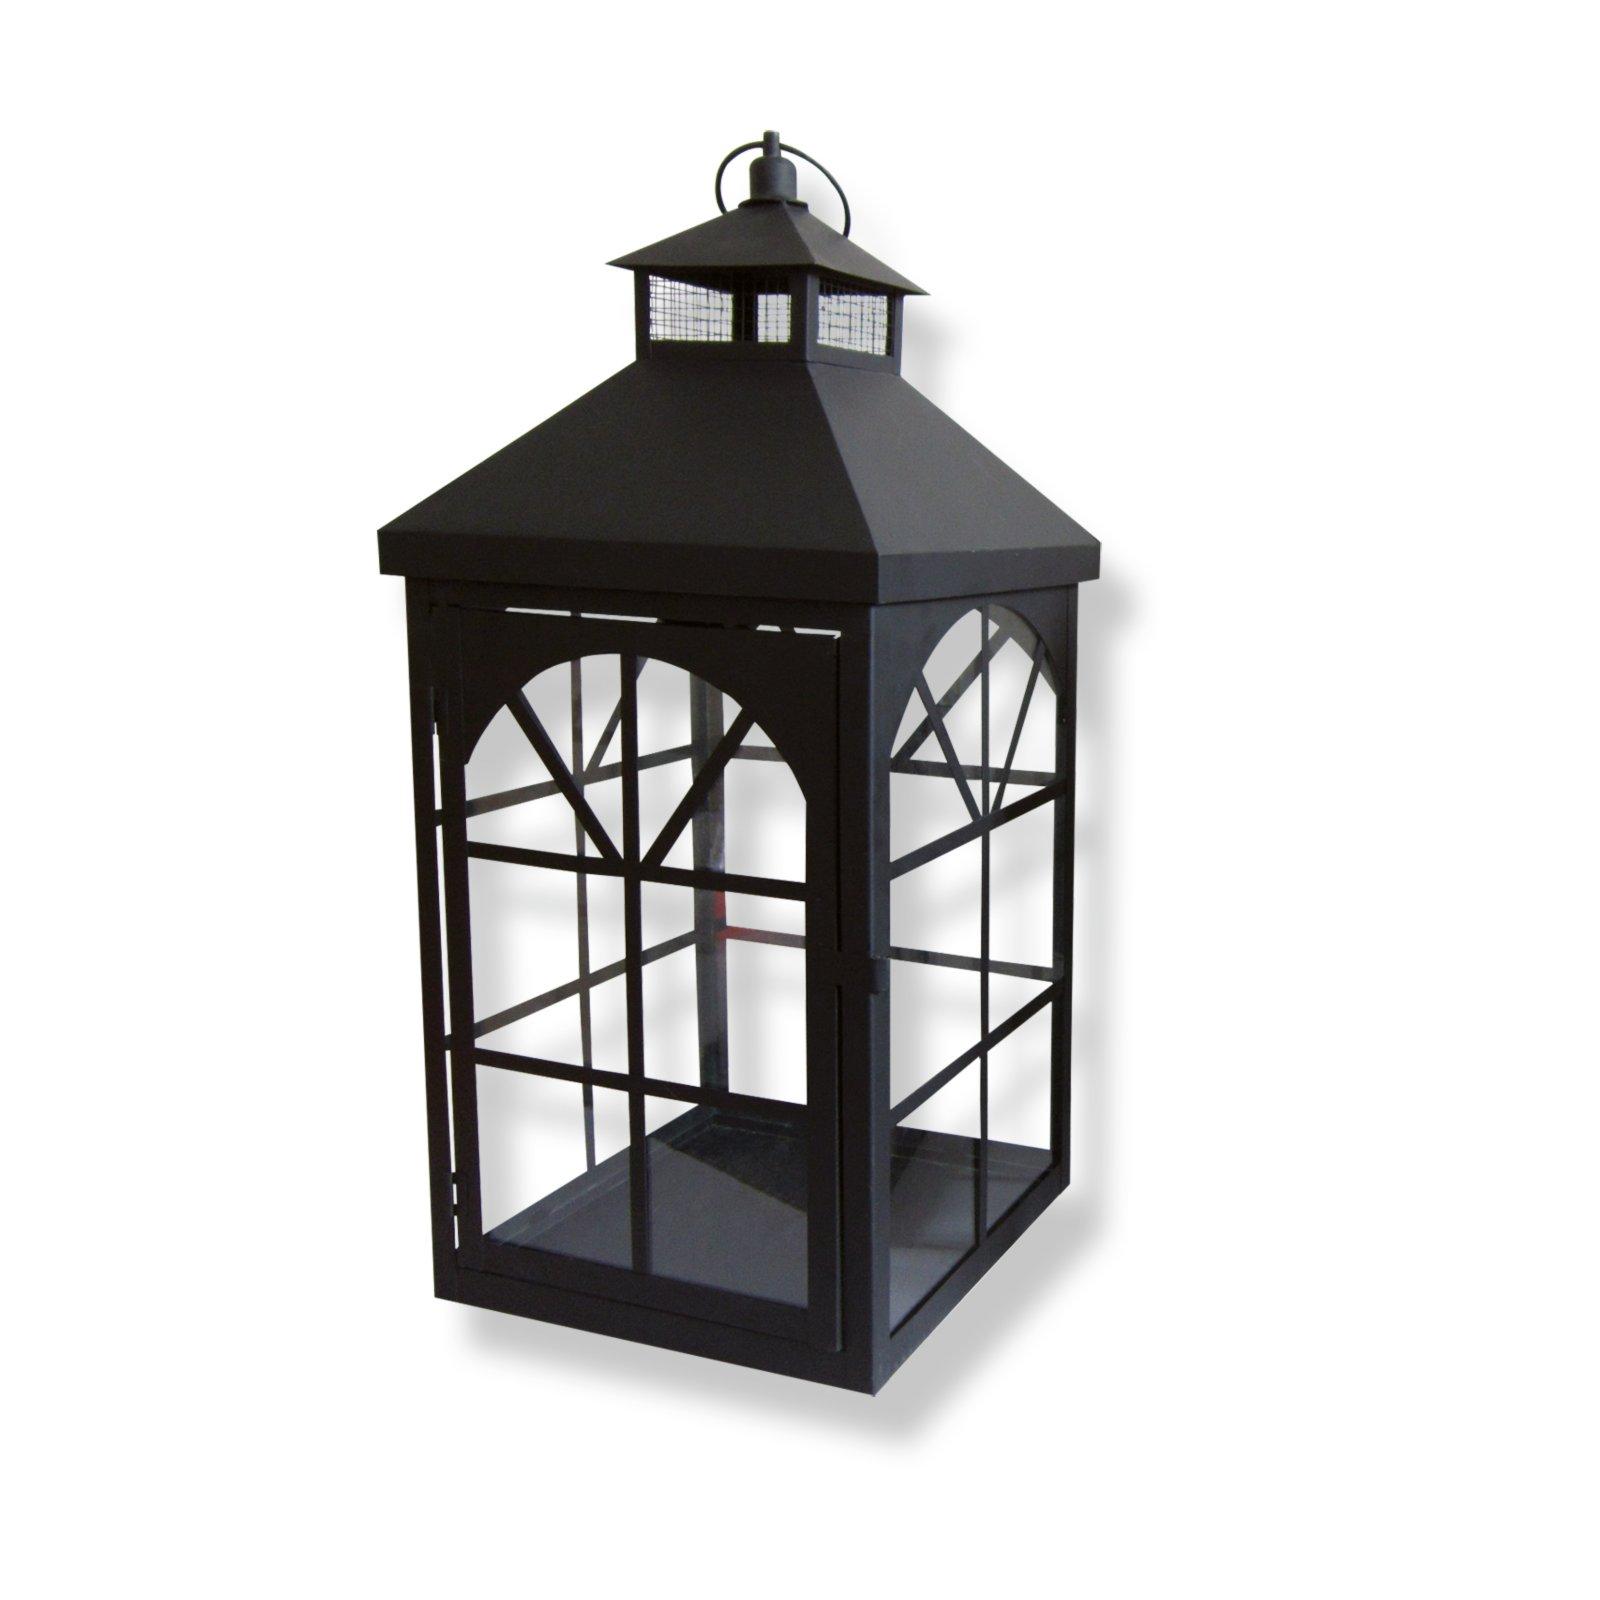 laterne schwarz matt 46 5 cm weihnachtsdekoration weihnachtsbasar roller m belhaus. Black Bedroom Furniture Sets. Home Design Ideas